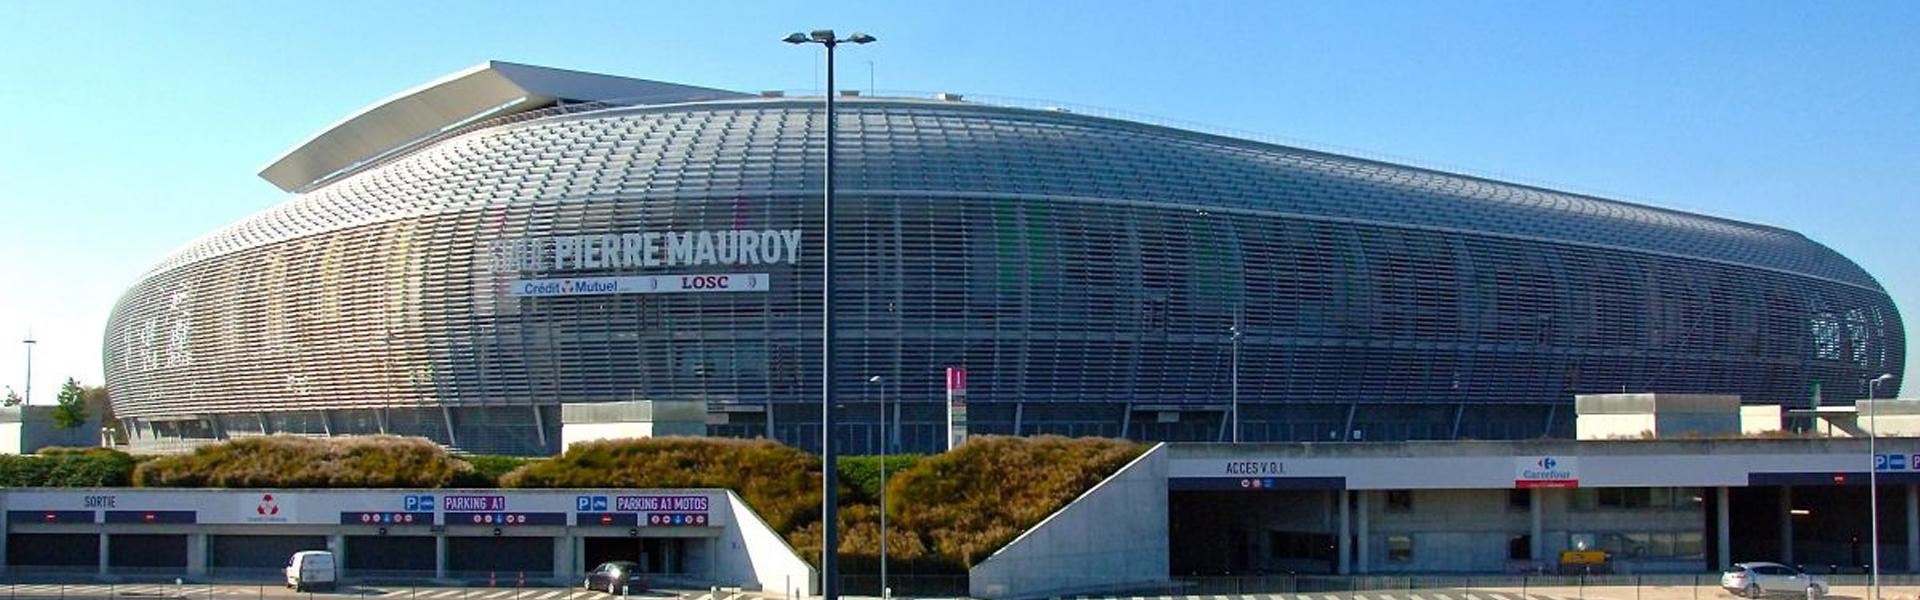 Photo du Grand Stade de Villeneuve d'Ascq, à proximité de l'agence web villeneuvoise Farouk Nasri